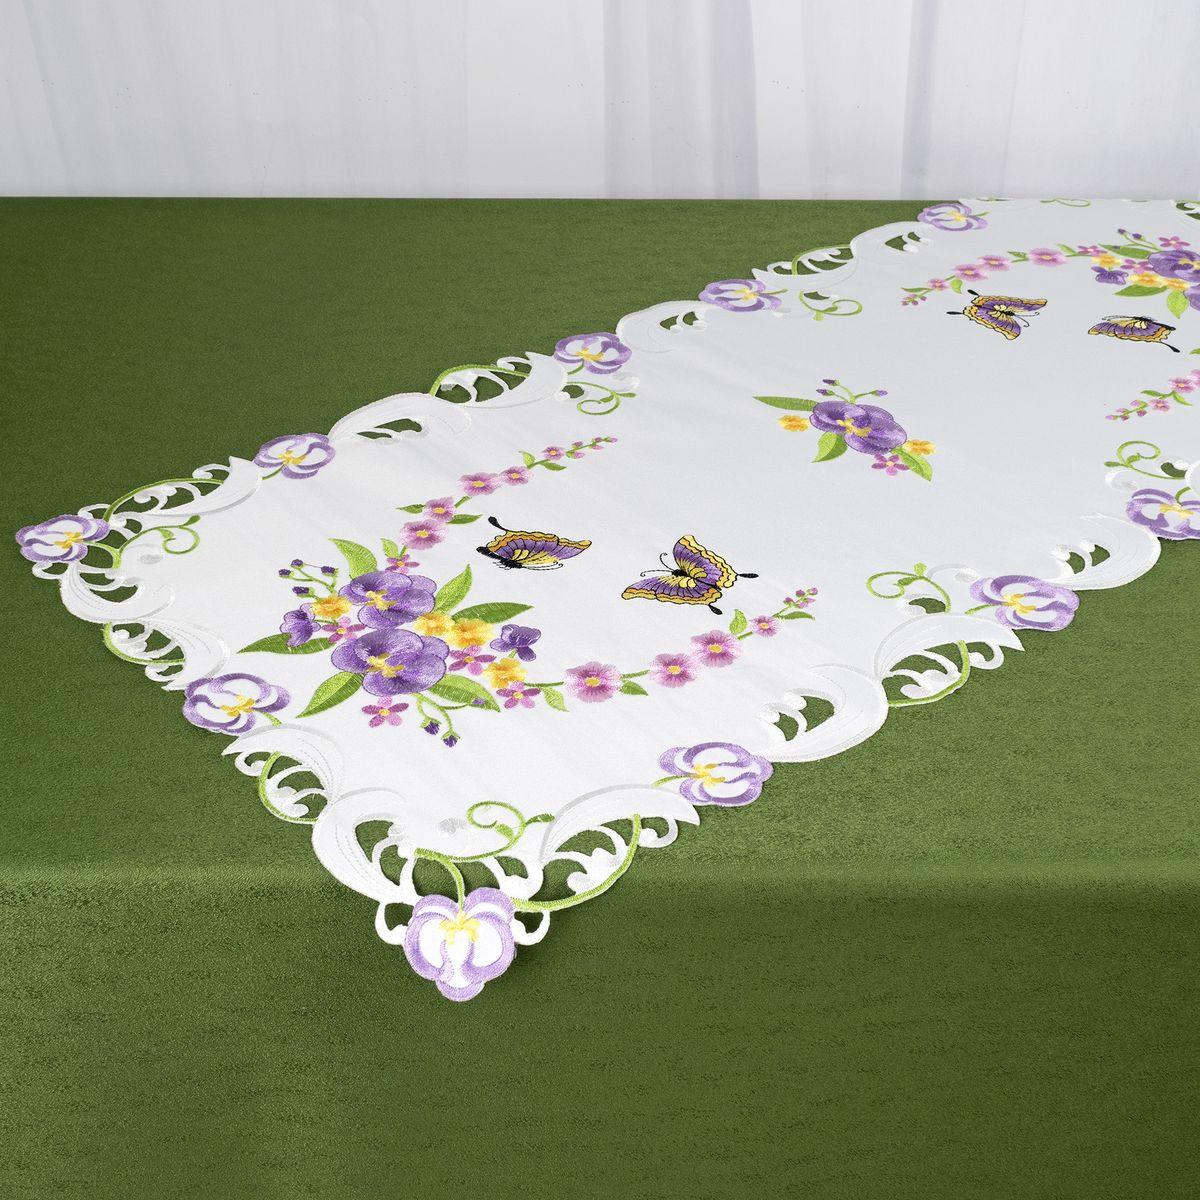 Дорожка для декорирования стола Schaefer, 40 x 85 см, цвет: белый, фиолетовый. 07745-271